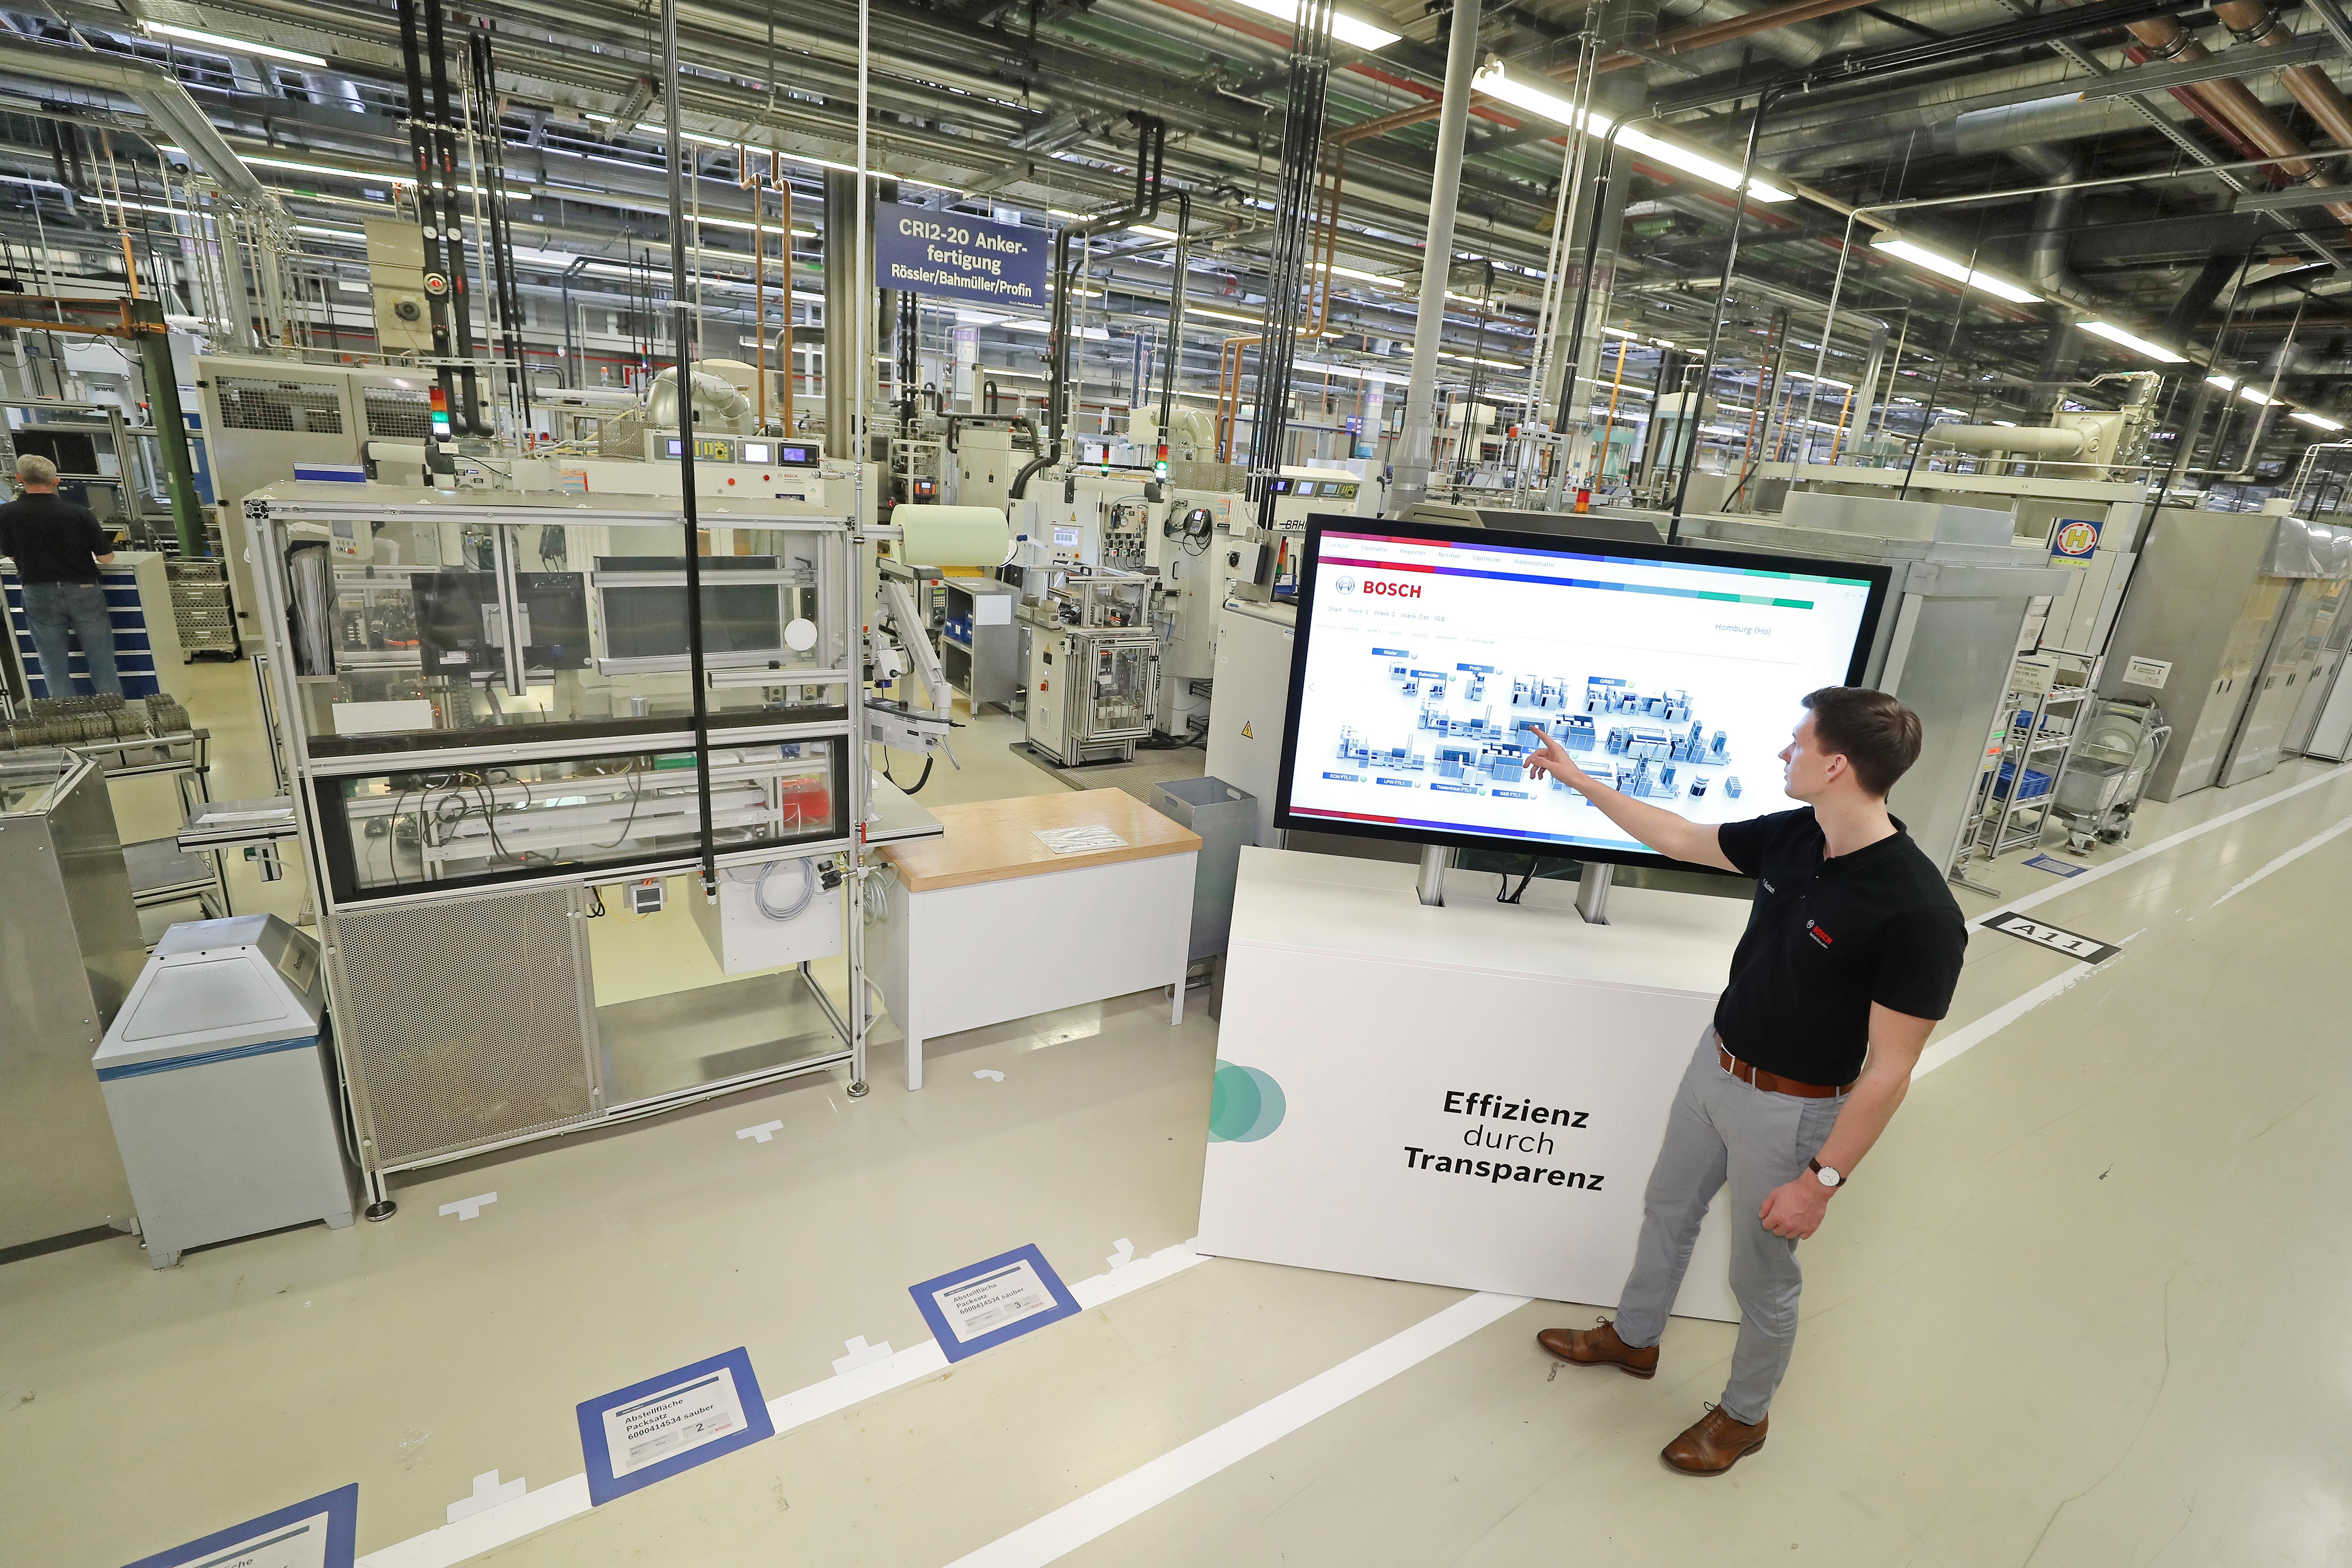 Průkopnická role společnosti Bosch v Průmyslu 4.0 pomáhá zajistit, aby její globální výrobní operace byly uhlíkově neutrální